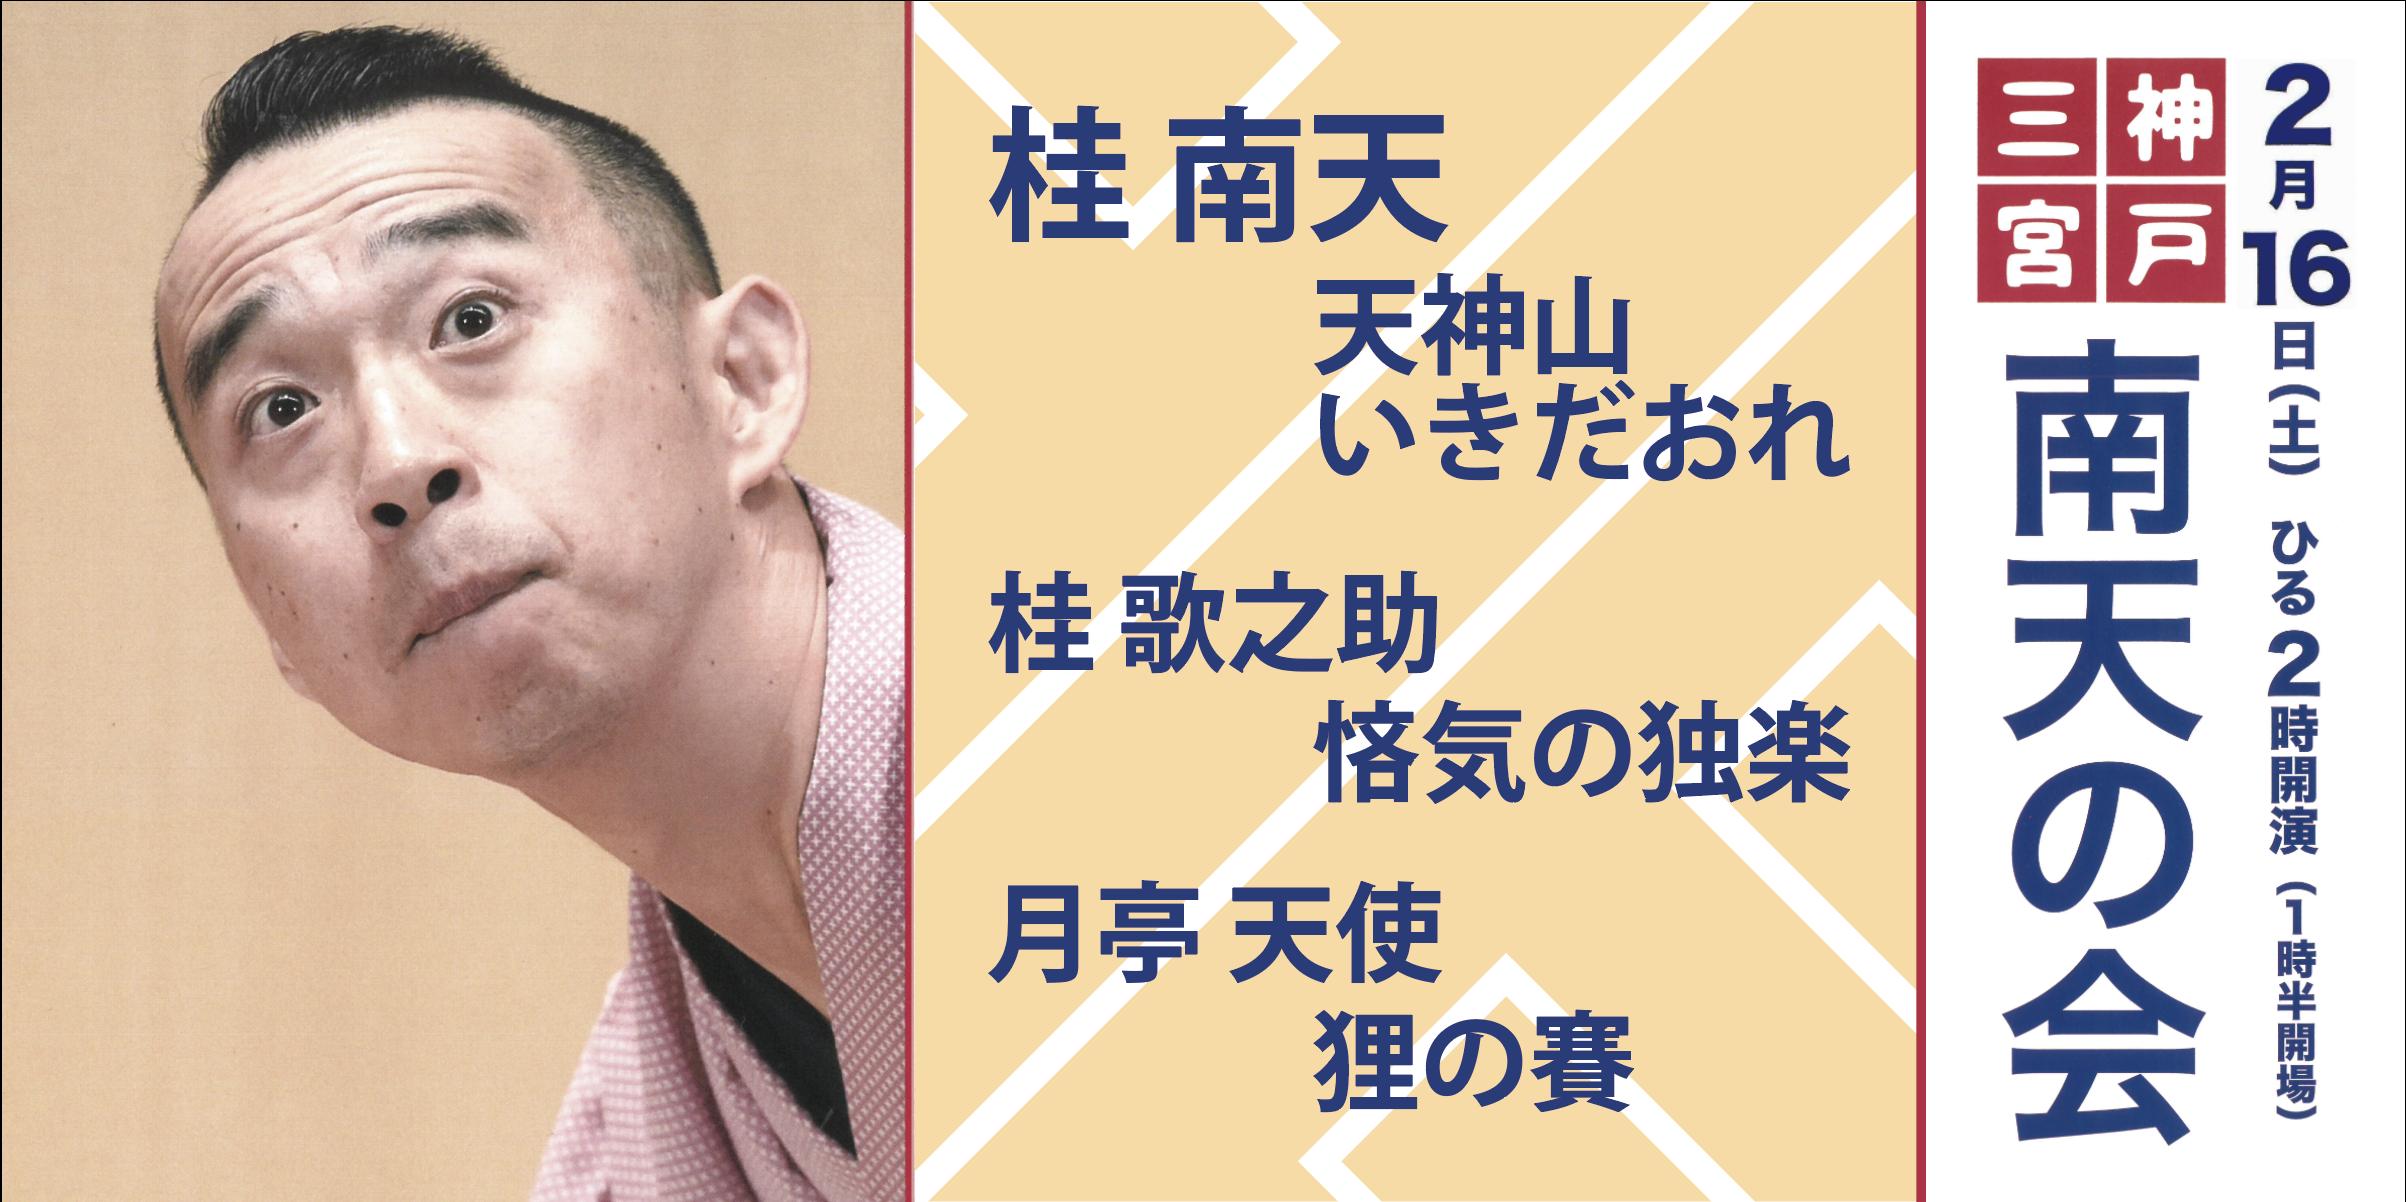 神戸三宮 南天の会